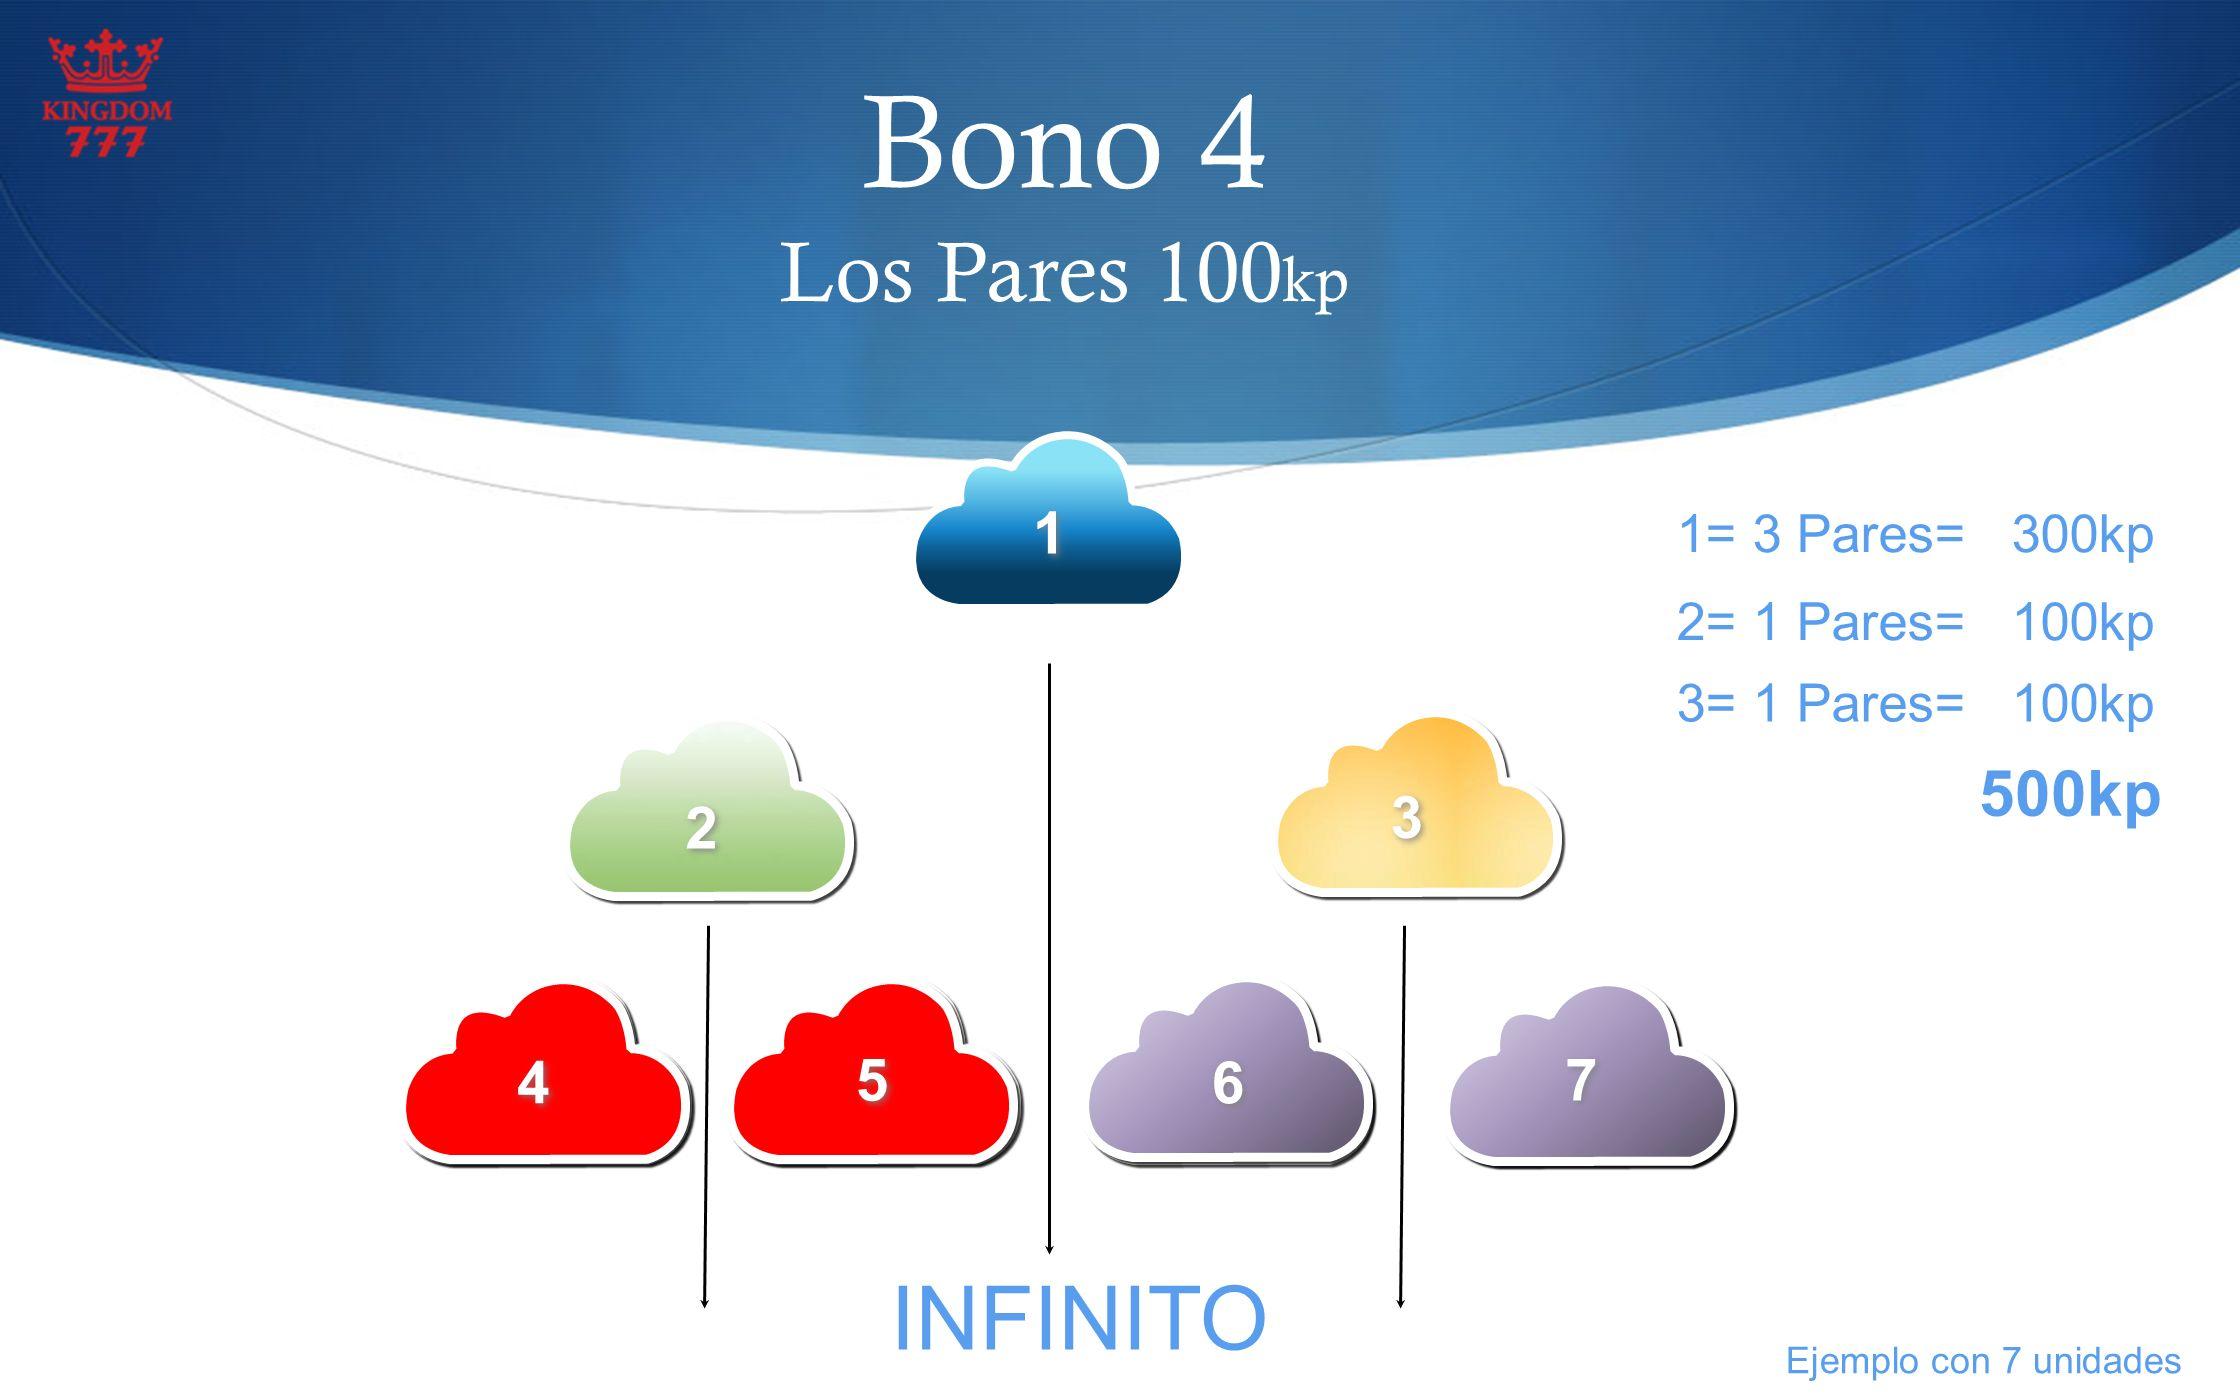 Bono 4 Los Pares 100kp INFINITO 500kp 1 3 2 4 5 6 7 1= 3 Pares= 300kp